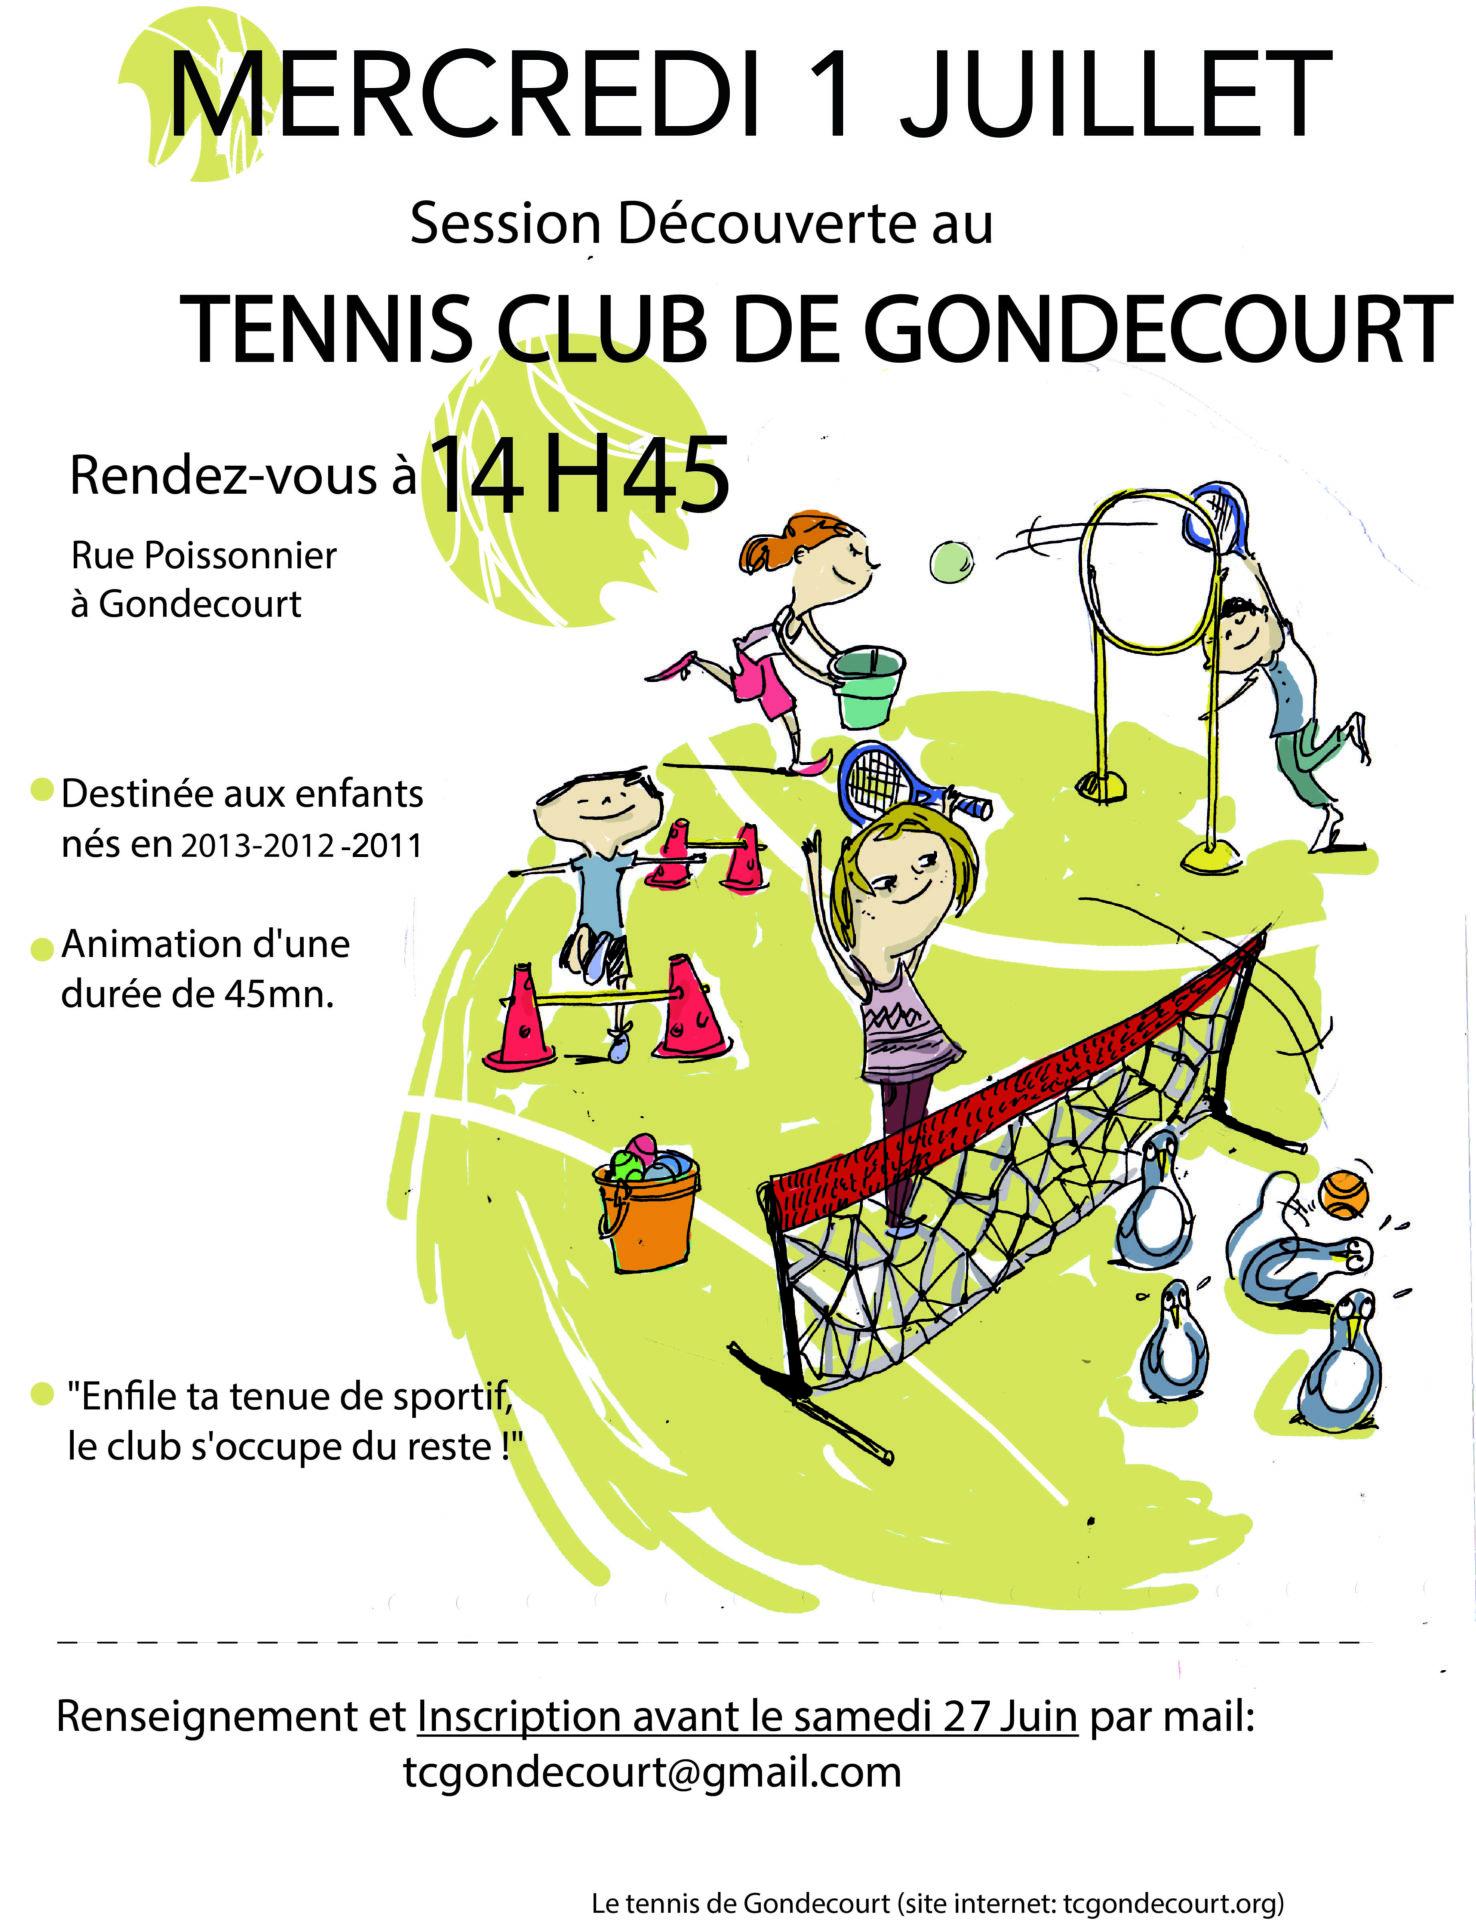 a3 tennis